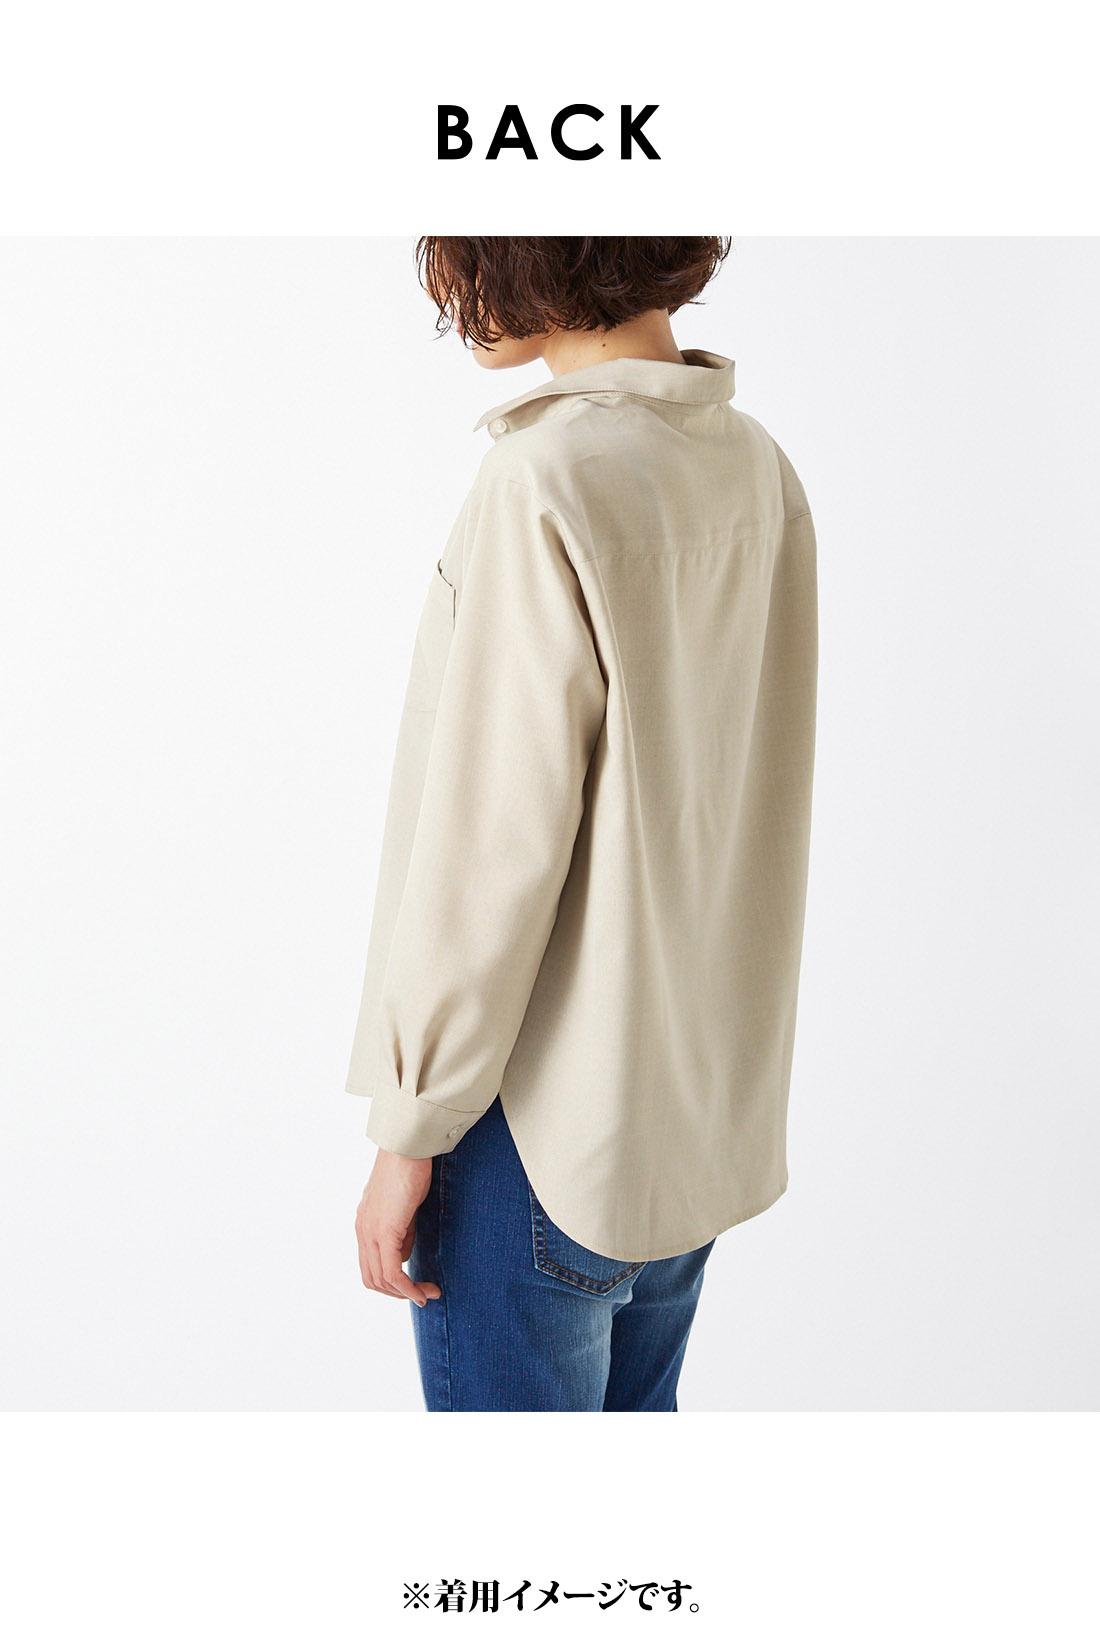 着るだけで衿が自然に抜けるパターン&旬のほんのりオーバーサイジング。 ※着用イメージです。お届けするカラーとは異なります。